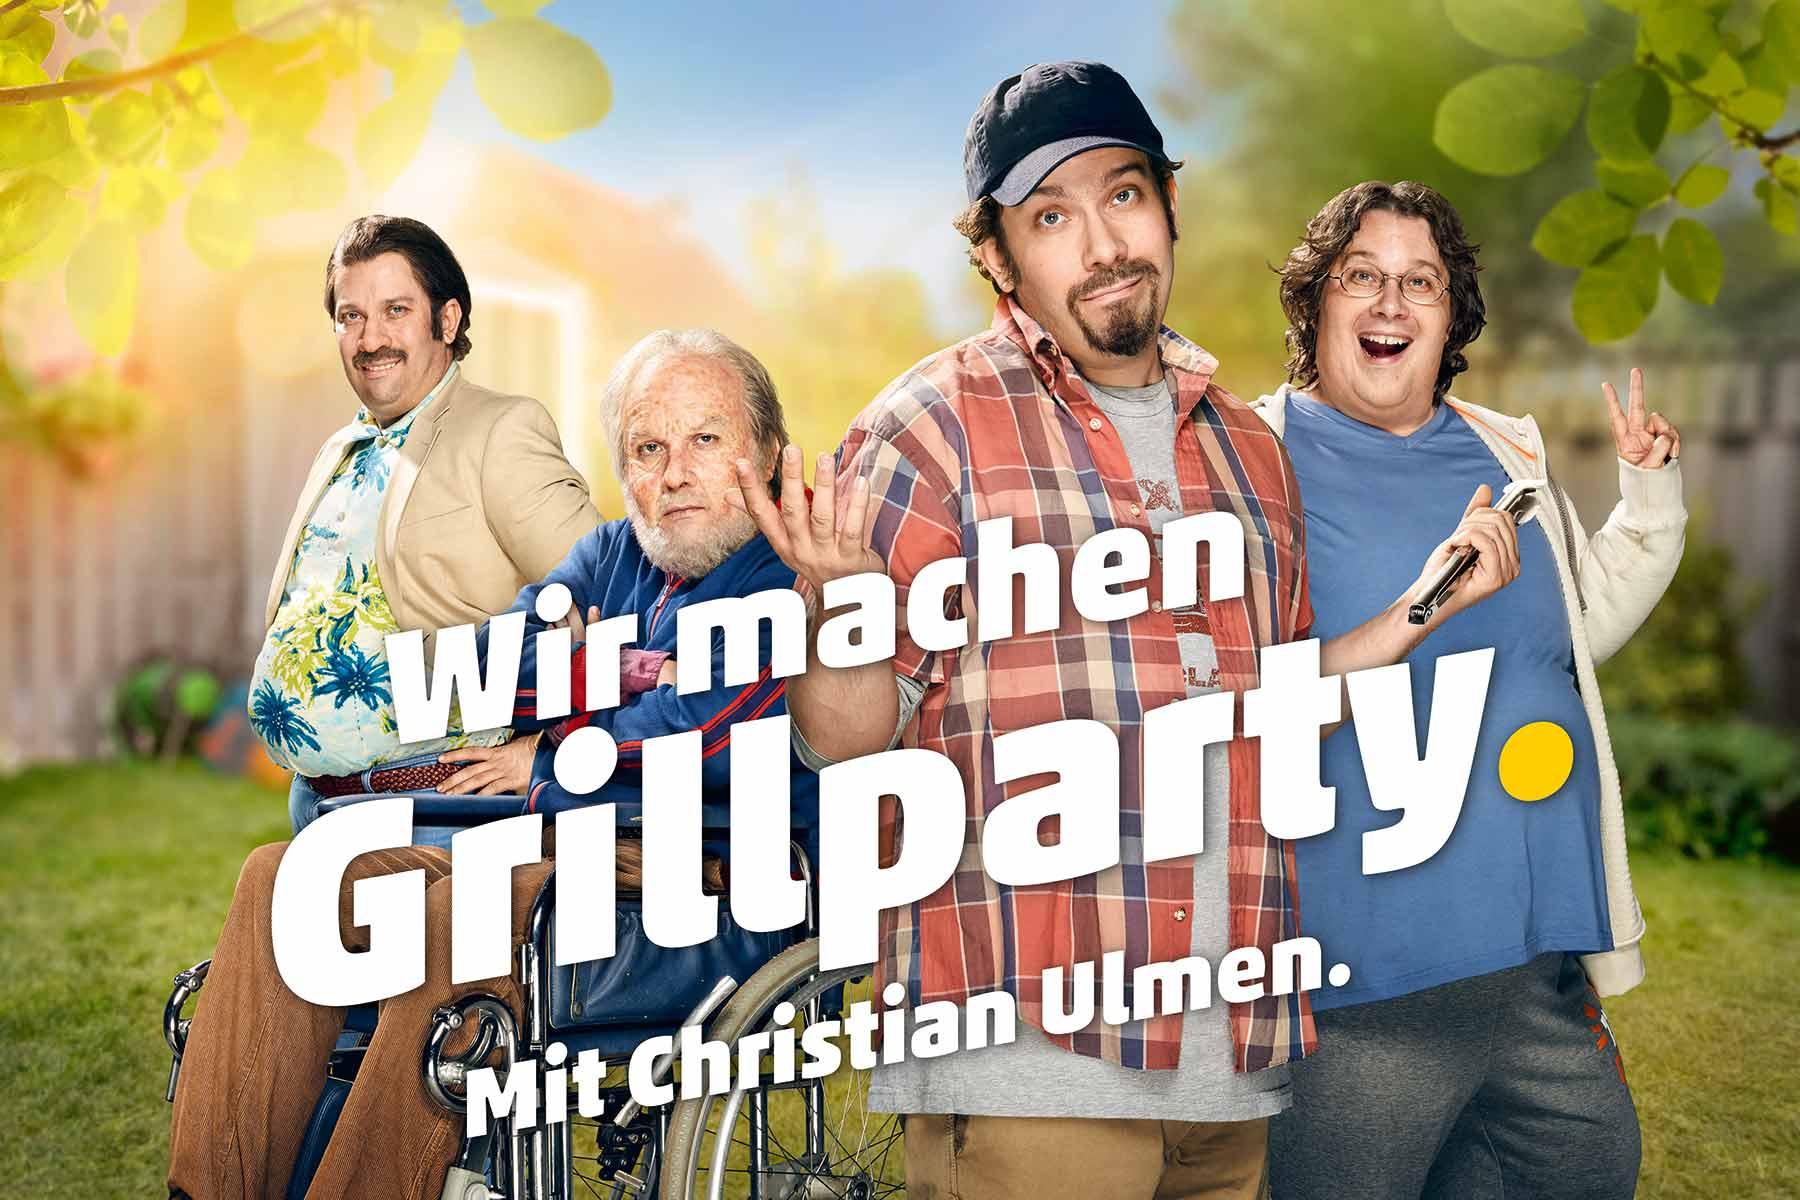 """Christian Ulmen als """"einfühlsamer"""" Nachbar Gero PENNY-Grillparty-Christian-Ulmen_01"""